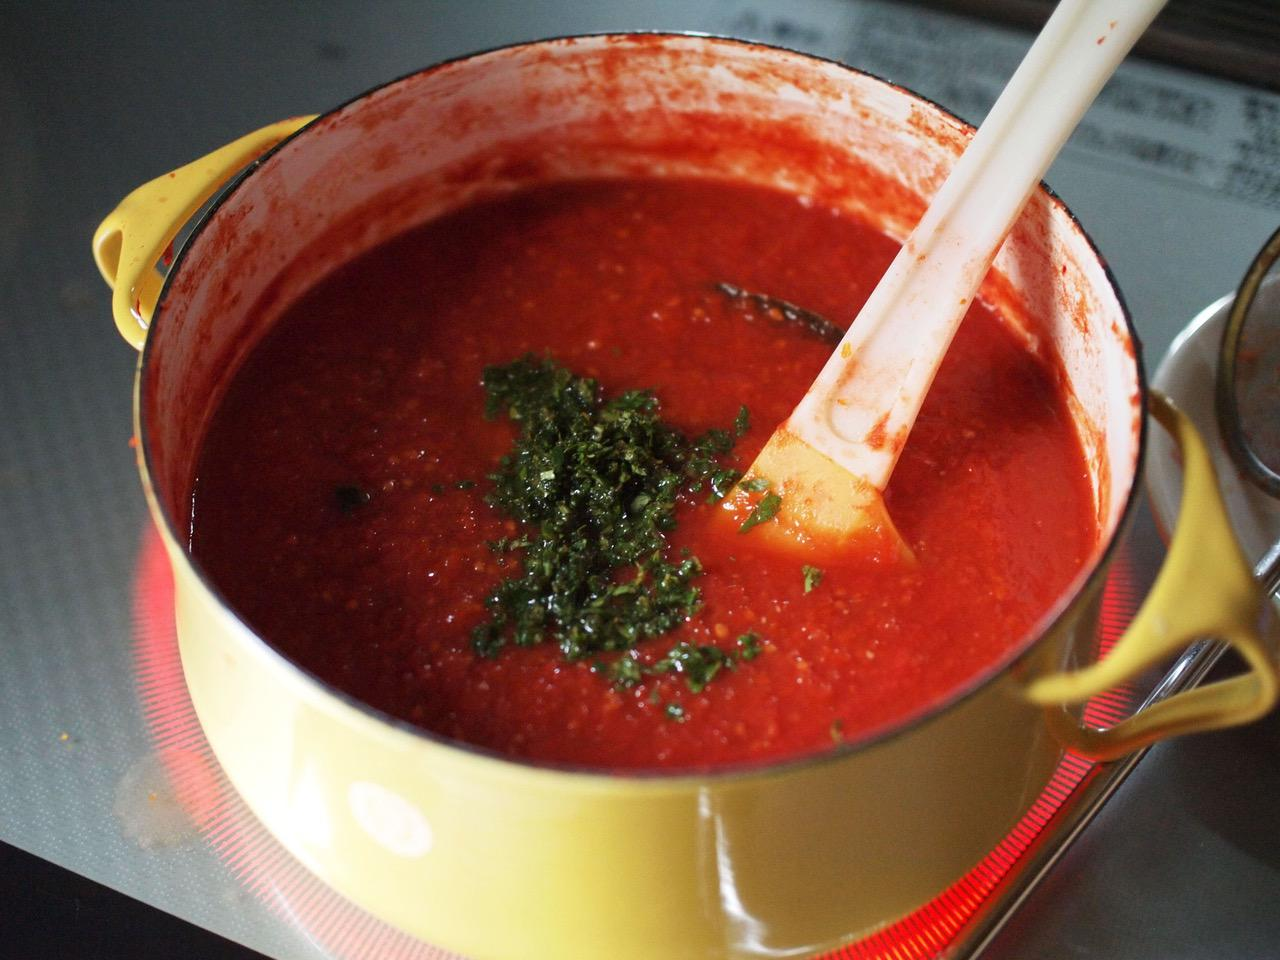 画像: 内側が白い琺瑯の鍋だと、色や量が確認しやすくて便利です